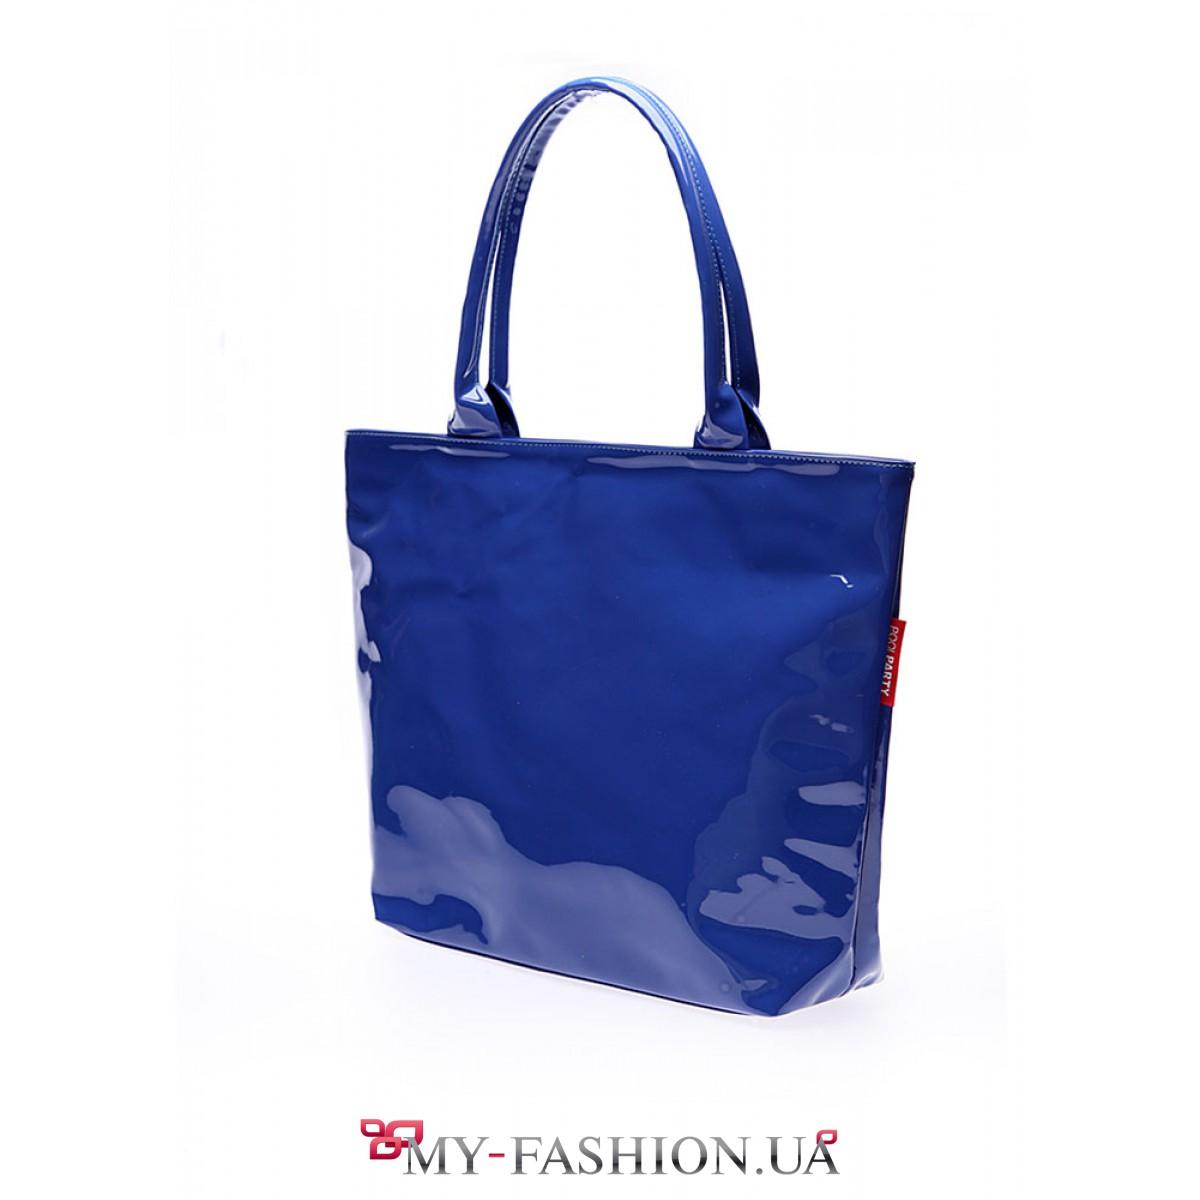 Женские сумки, купить в Киеве